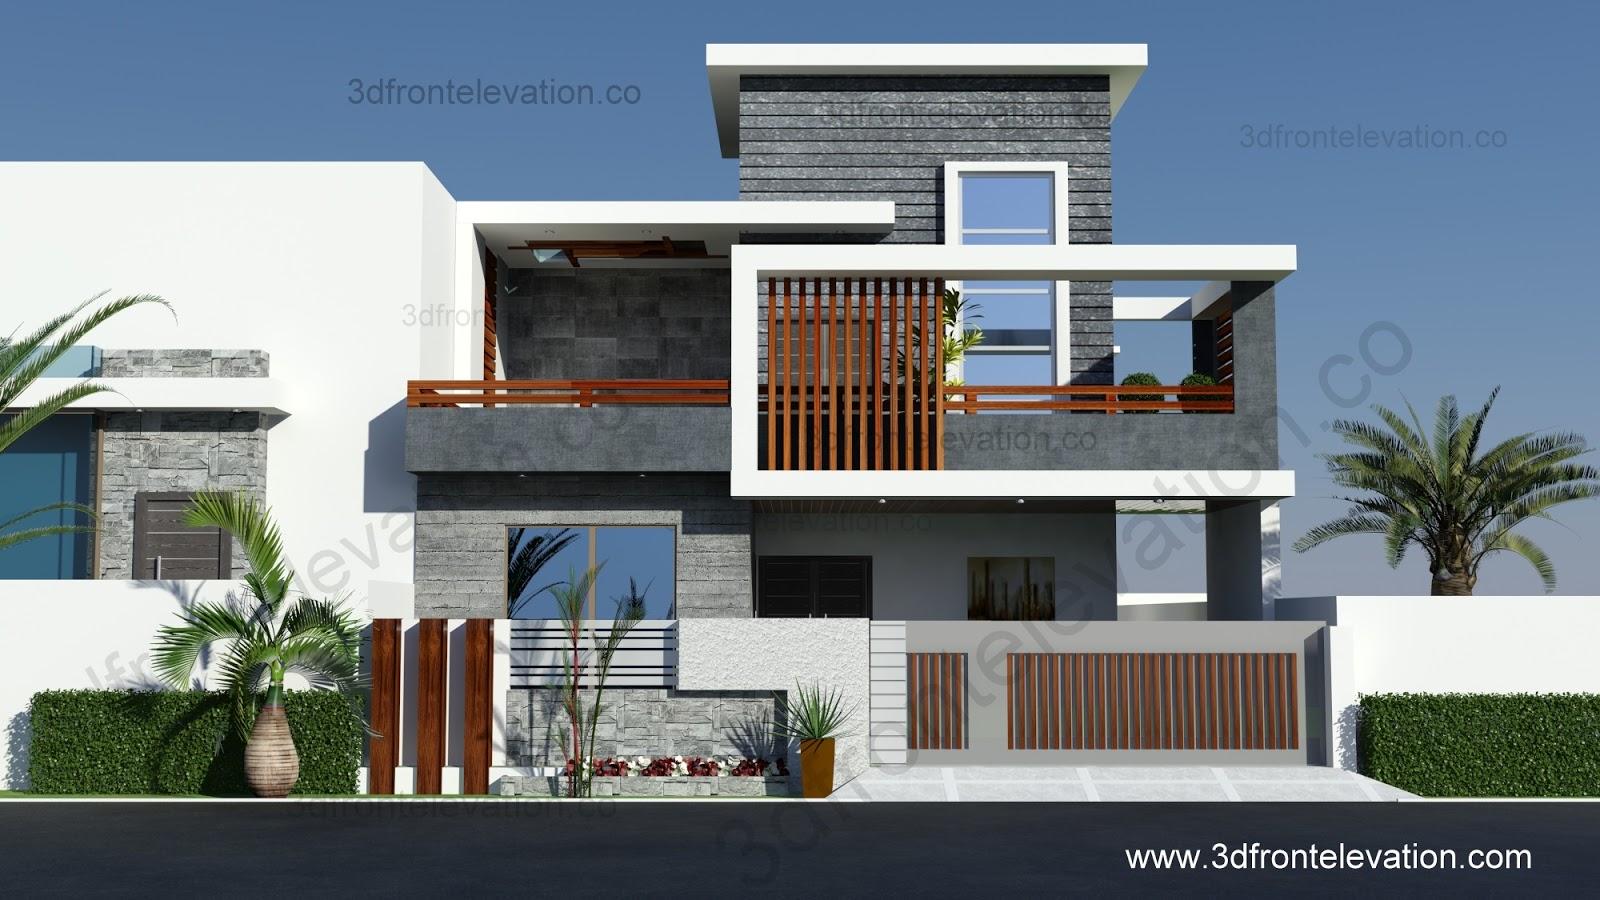 Front Elevation Grill Design Images : D front elevation portfolio